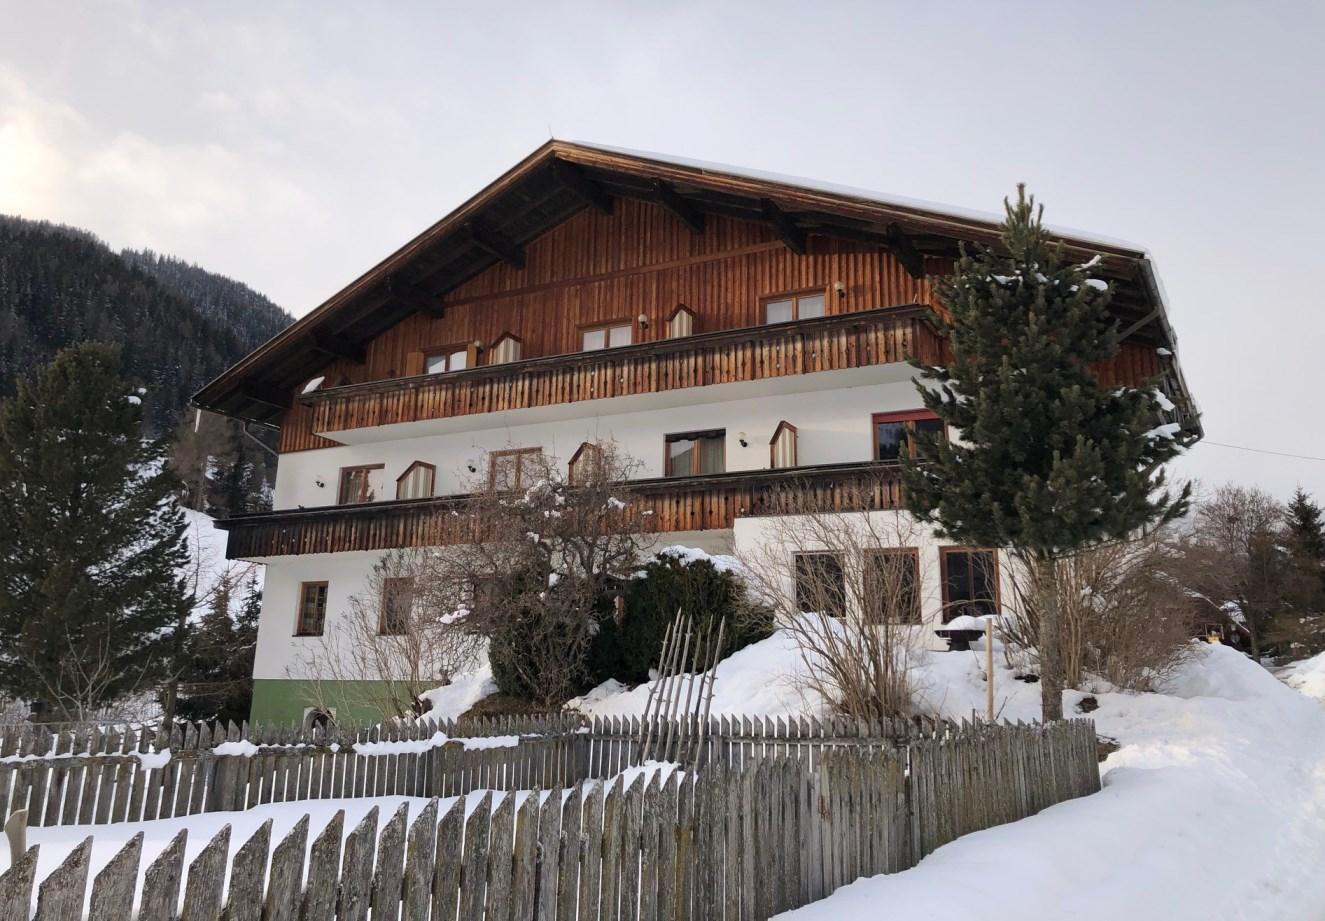 Bad Kleinkirchheim, Kaernten, Apartment (TIM) mit 2 Schlafzimmer, Balkon im Ortsteil Obertschern